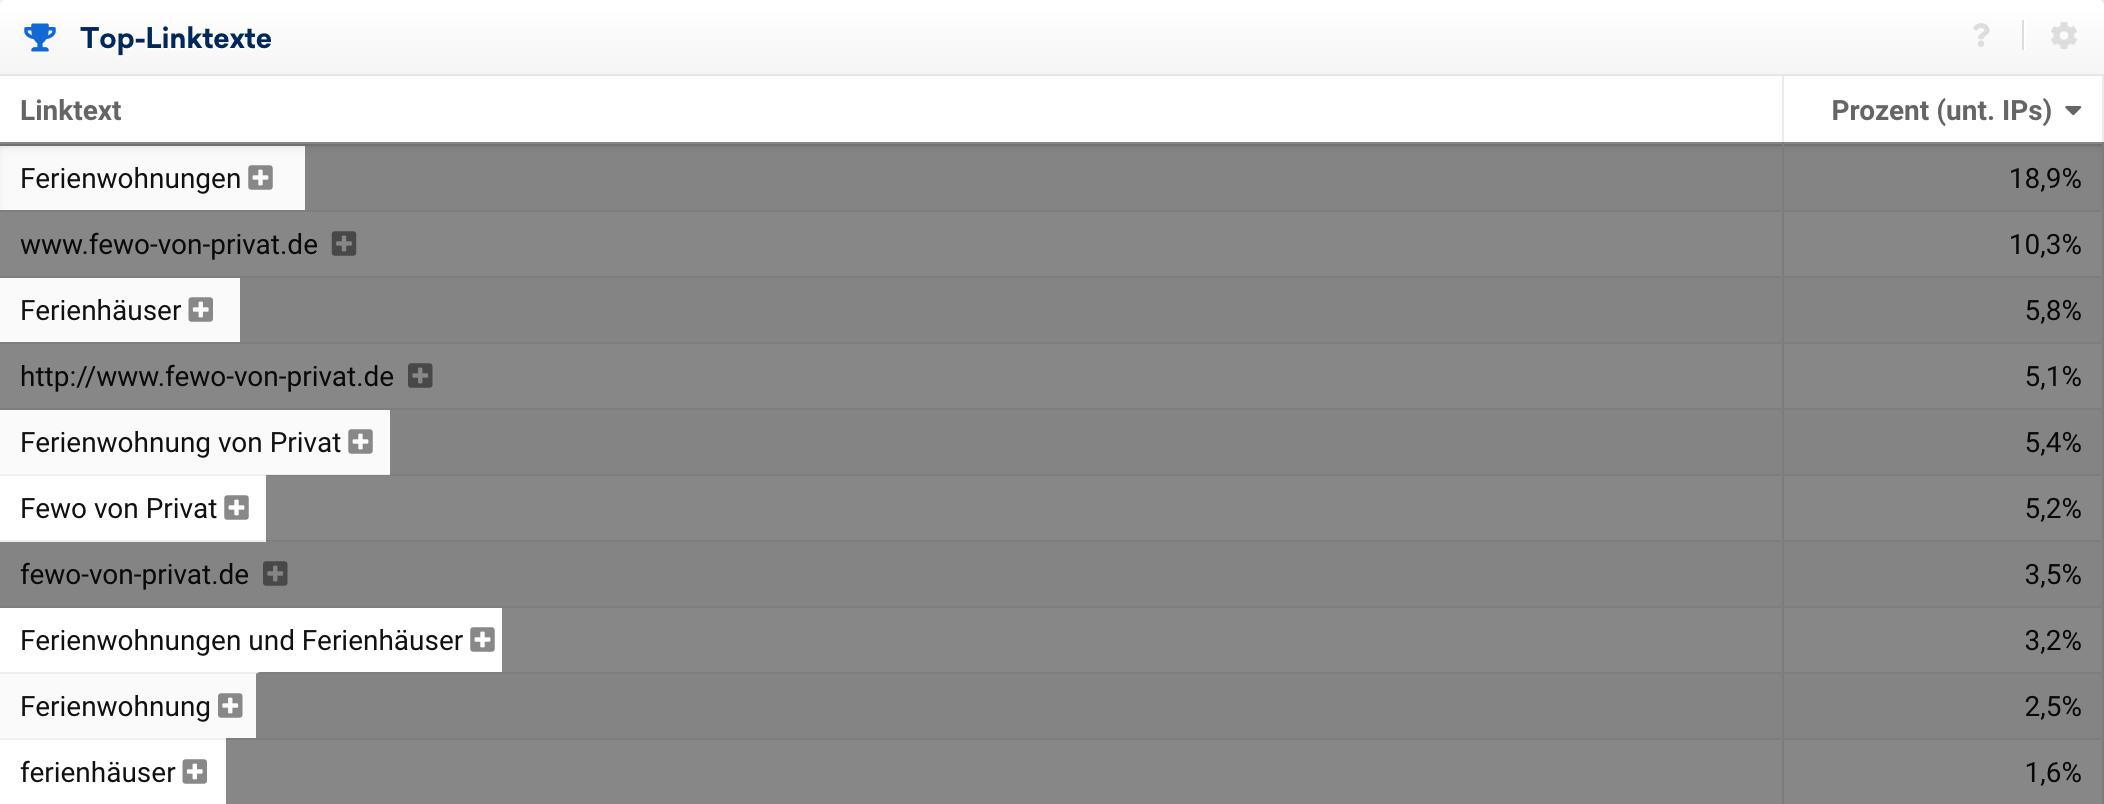 Zeigt die Top-Linktexte der Domain fewo-von-privat.de in der SISTRIX Toolbox an.